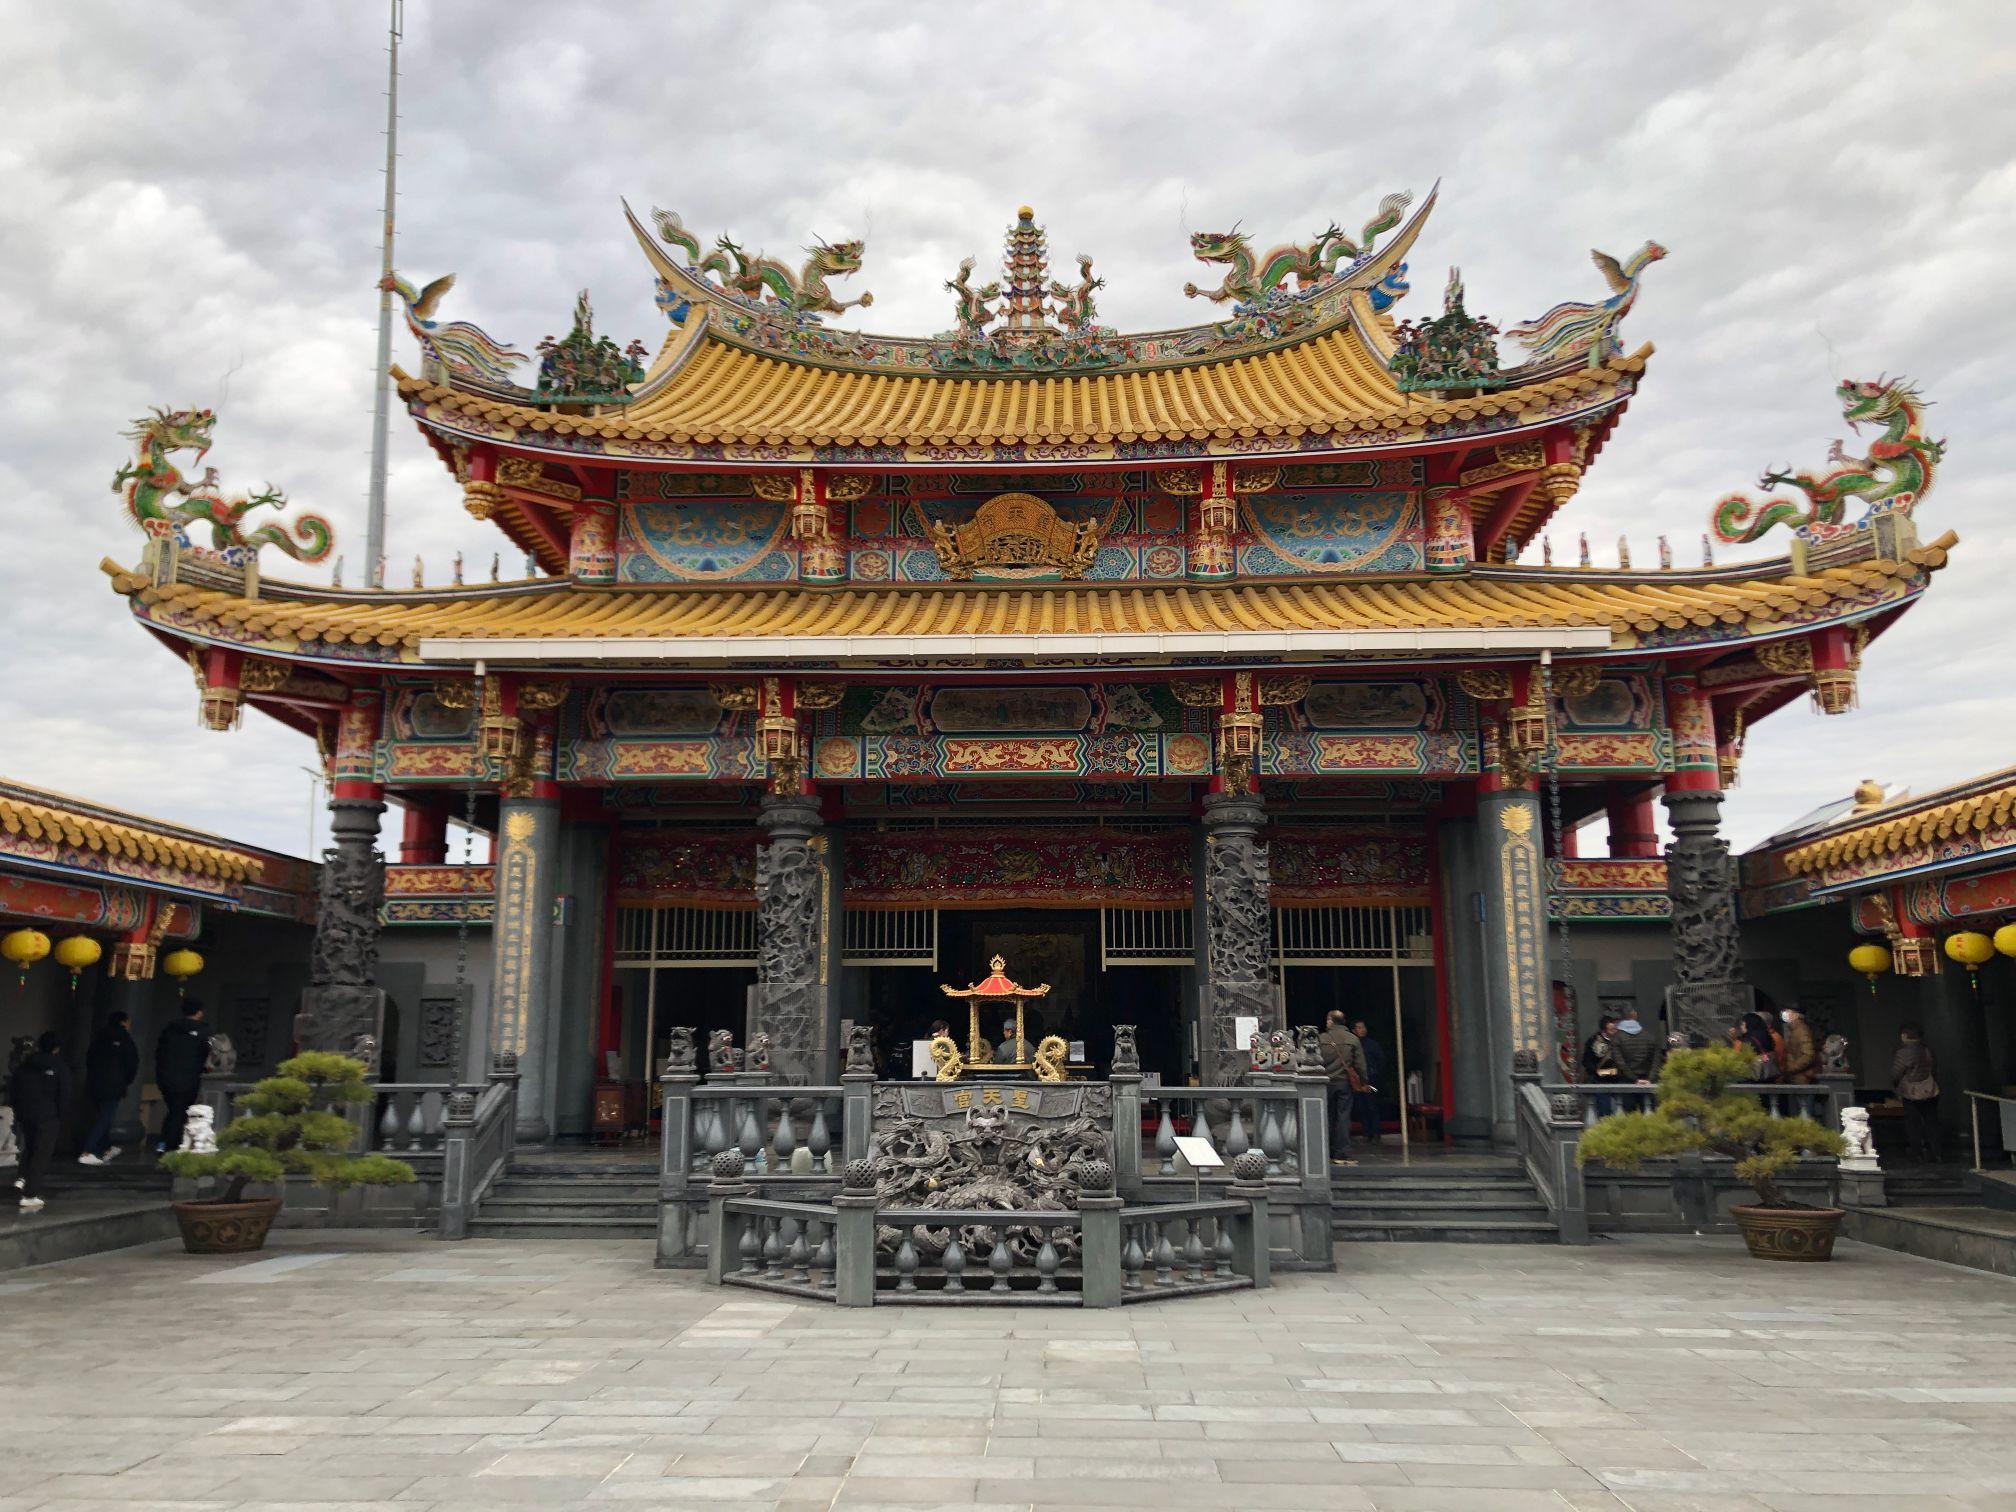 春節に埼玉の台湾「聖天宮」に初詣に行って特別祈祷祈願を受けてきたお話